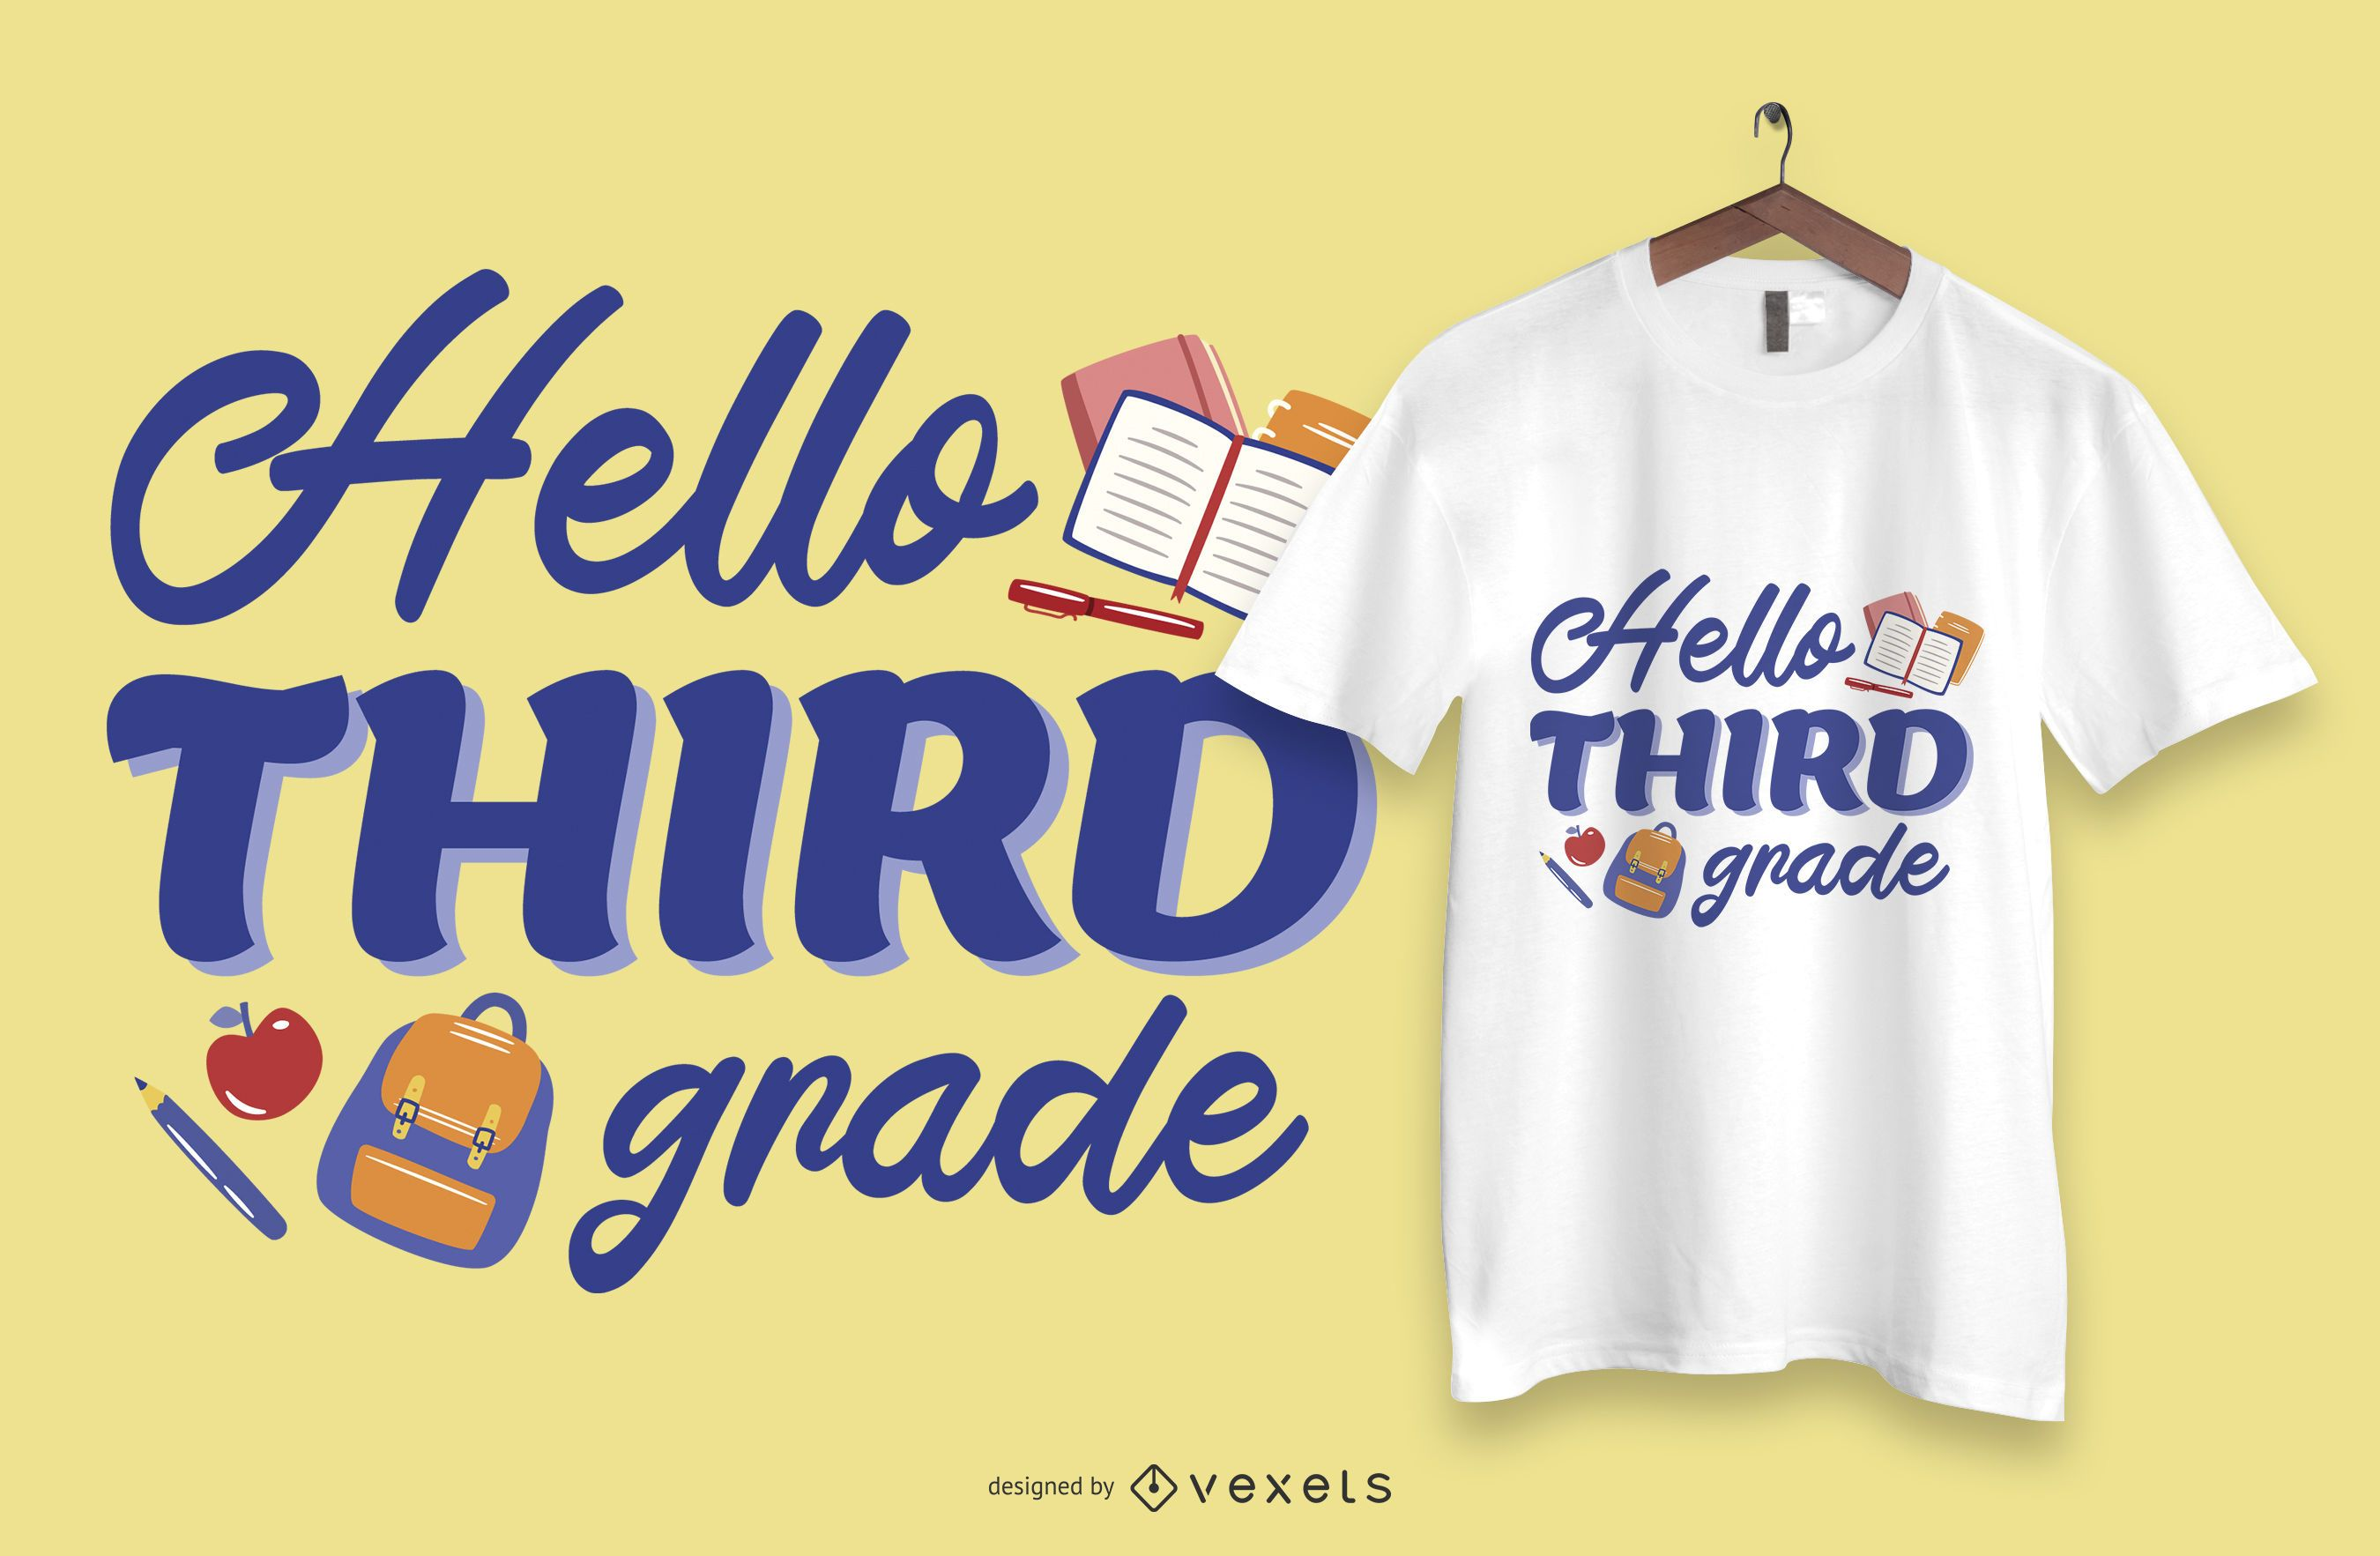 Hello Third Grade Text T-shirt Design